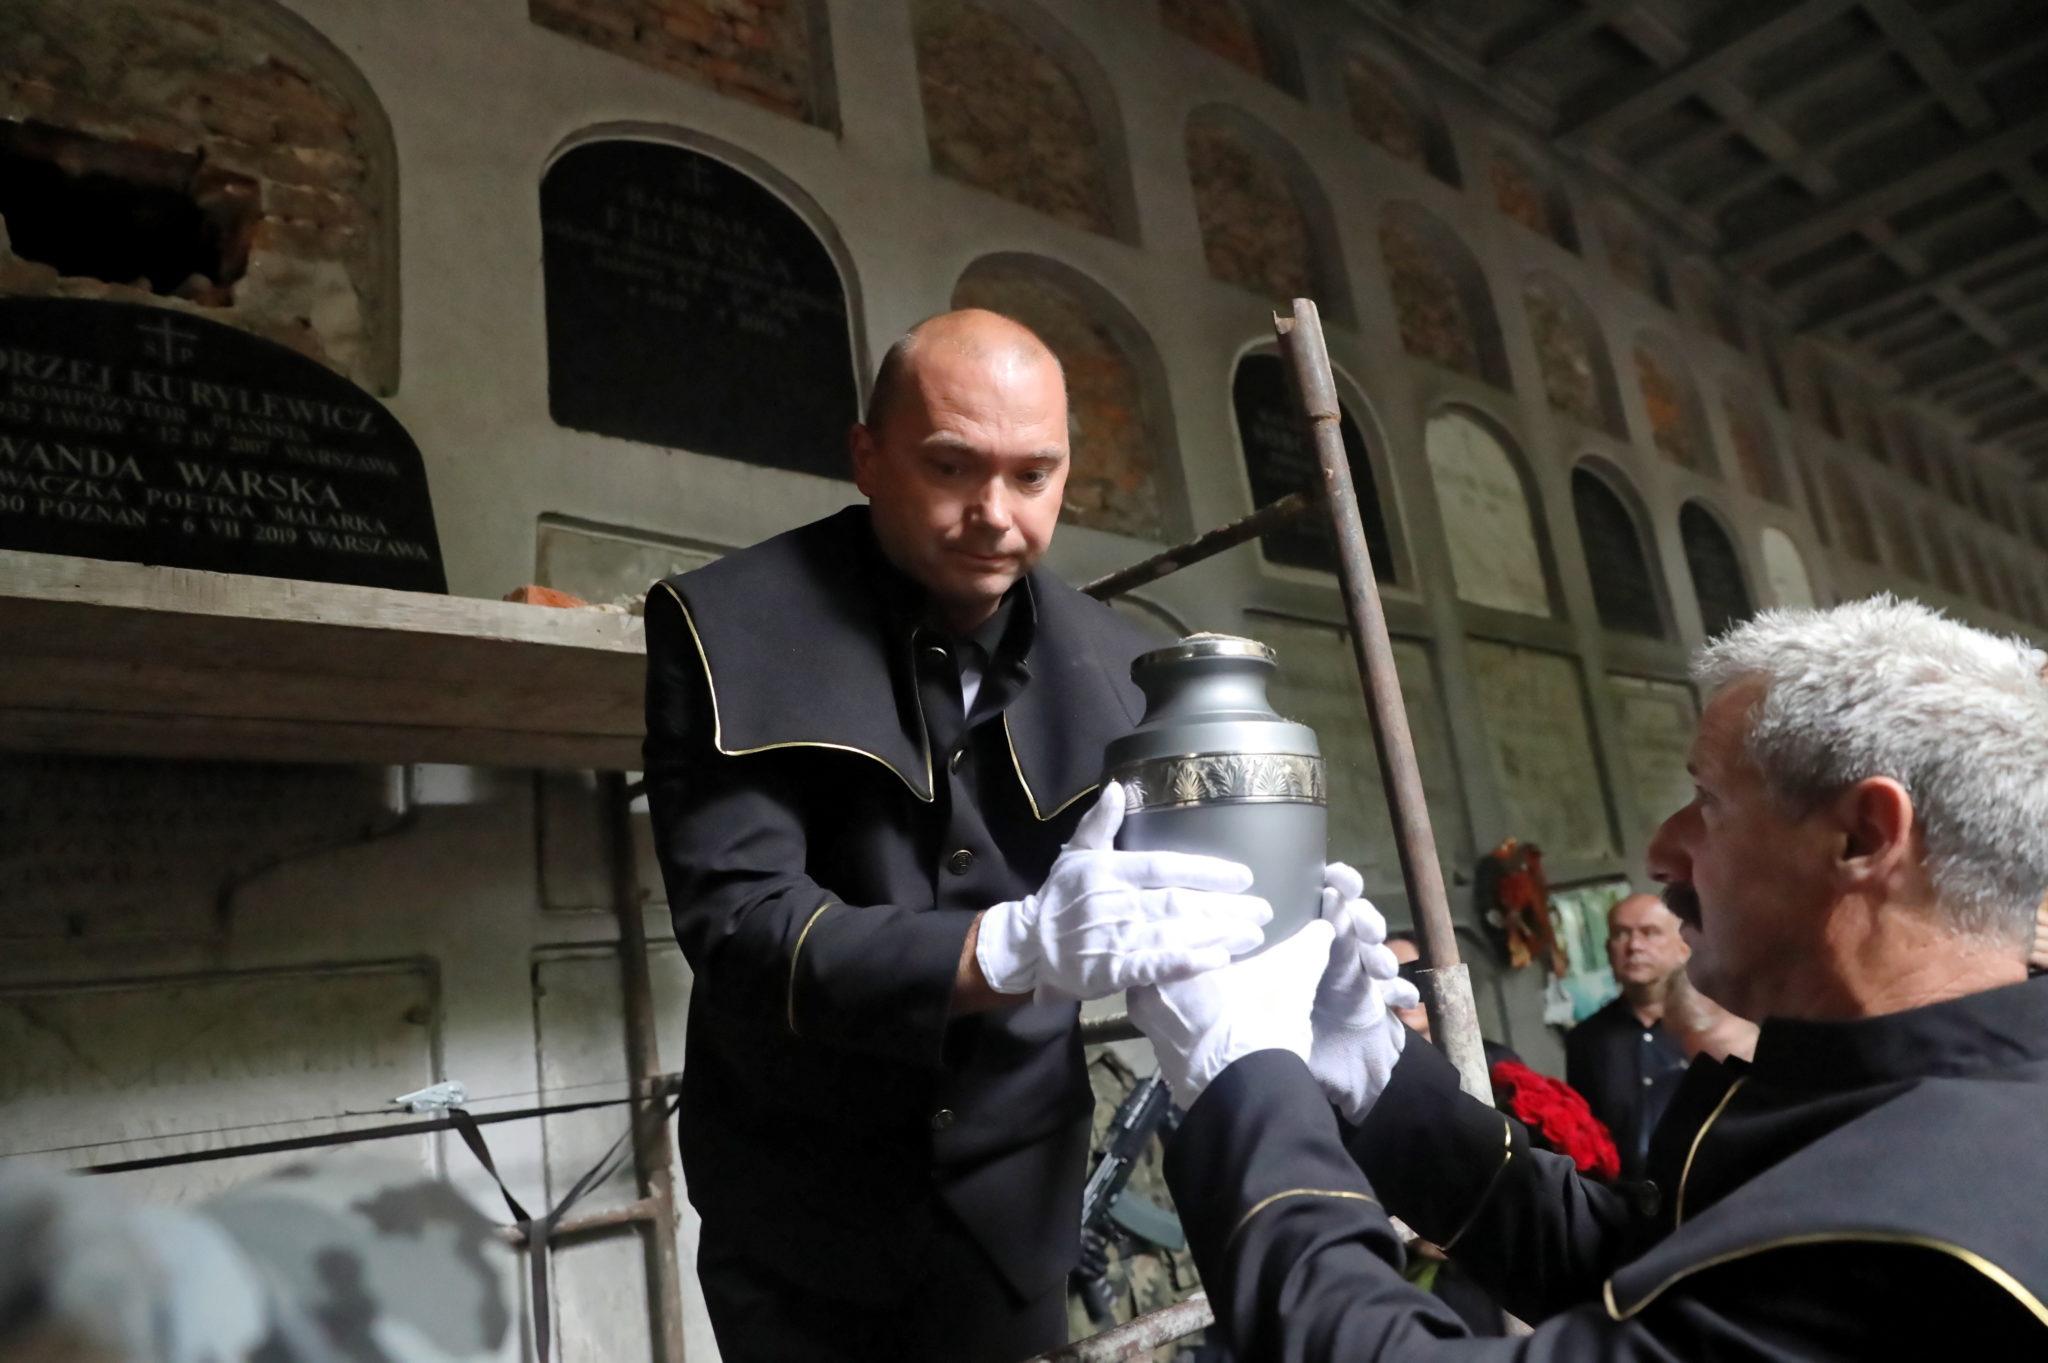 Śpiewaczka, poetka, malarka zmarła w sobotę, fot. Tomasz Gzell, PAP/EPA